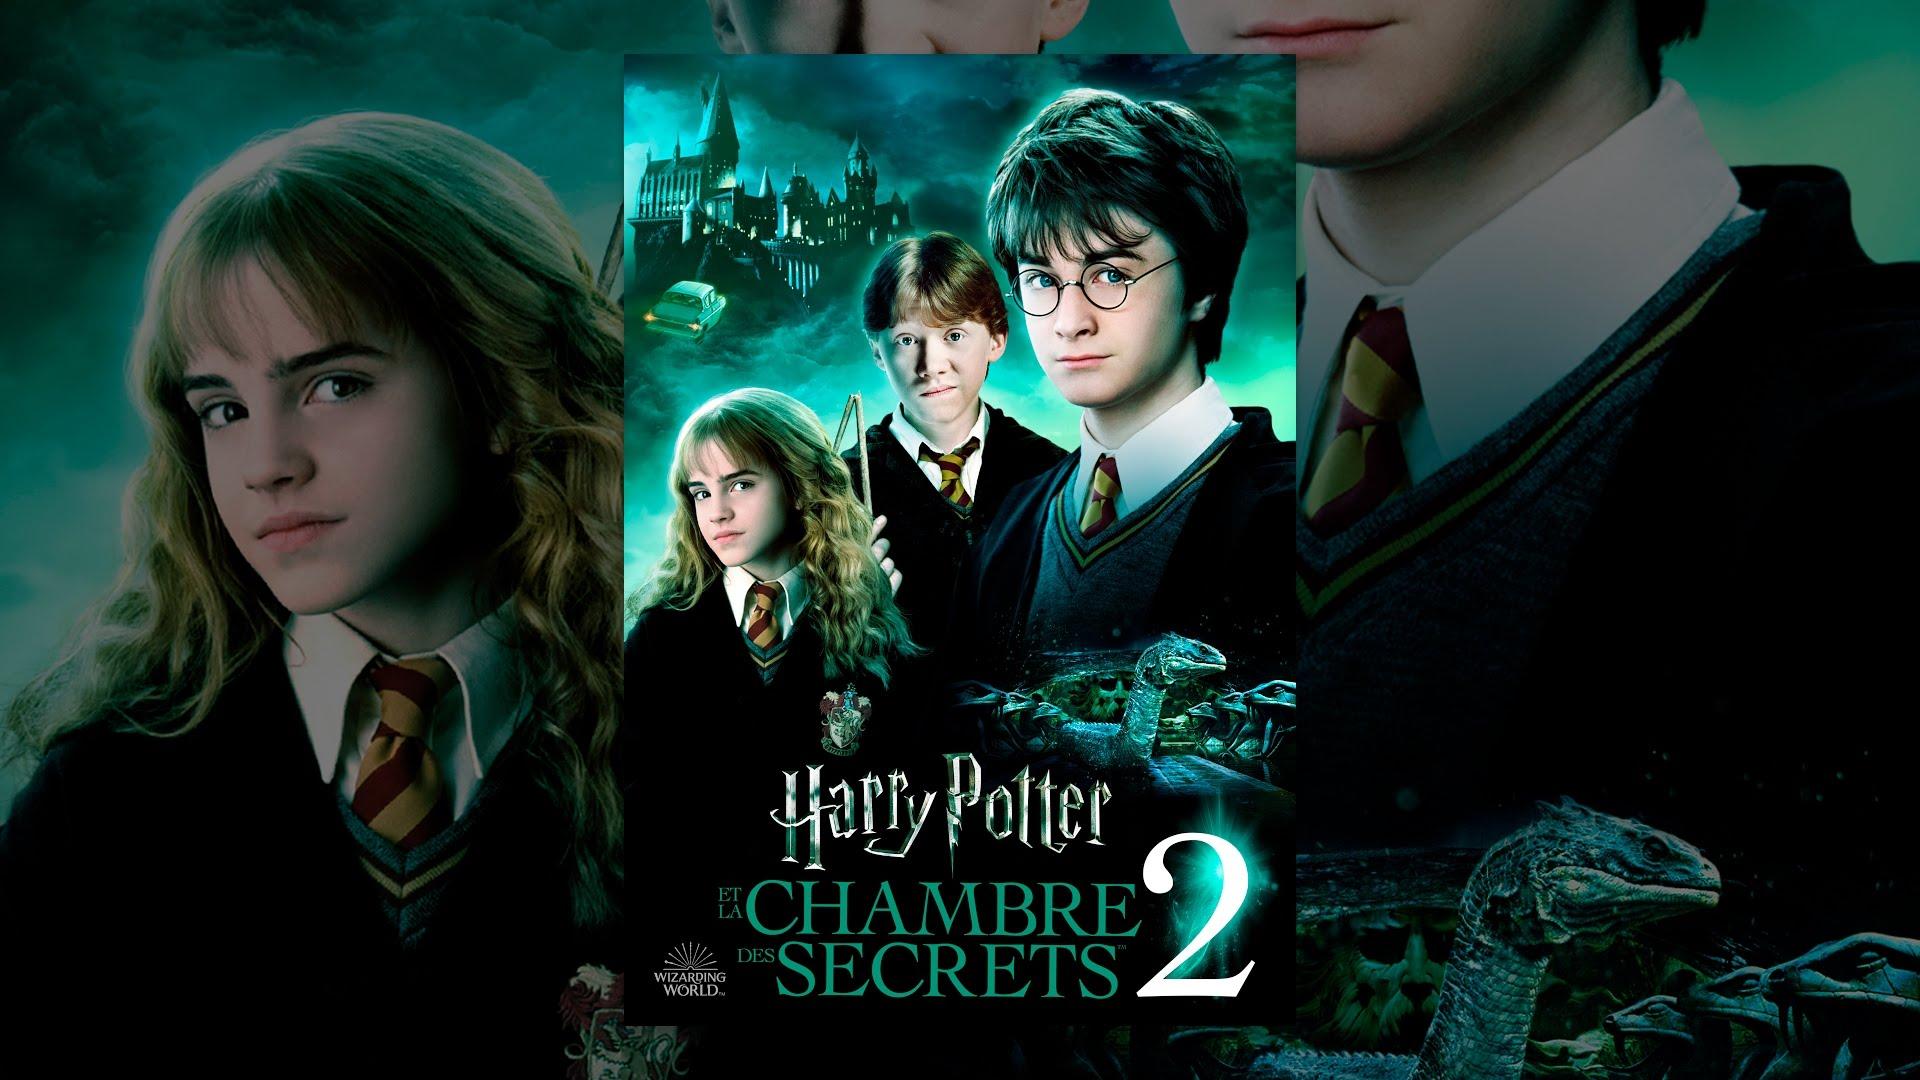 Harry potter et la chambre des secrets vf youtube - Harry potter la chambre des secrets streaming vf ...